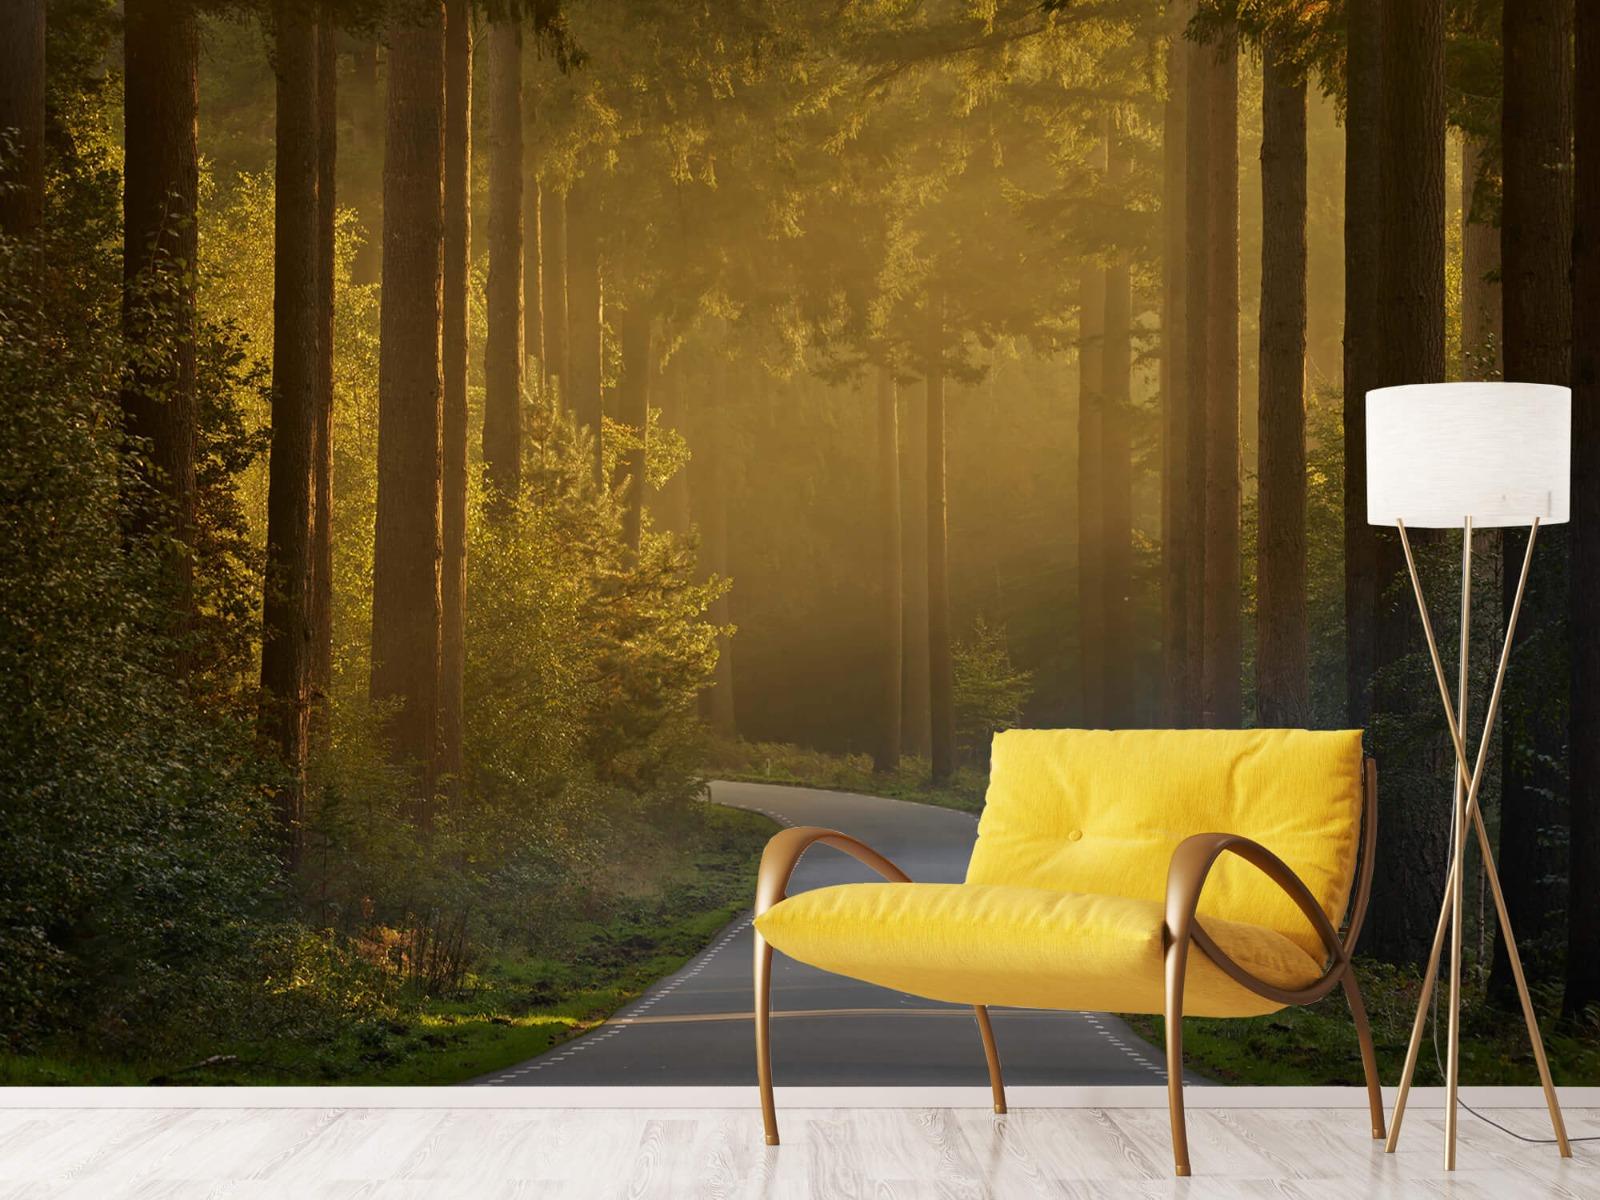 Natuur - Zonsopkomst bij weg door het bos 12